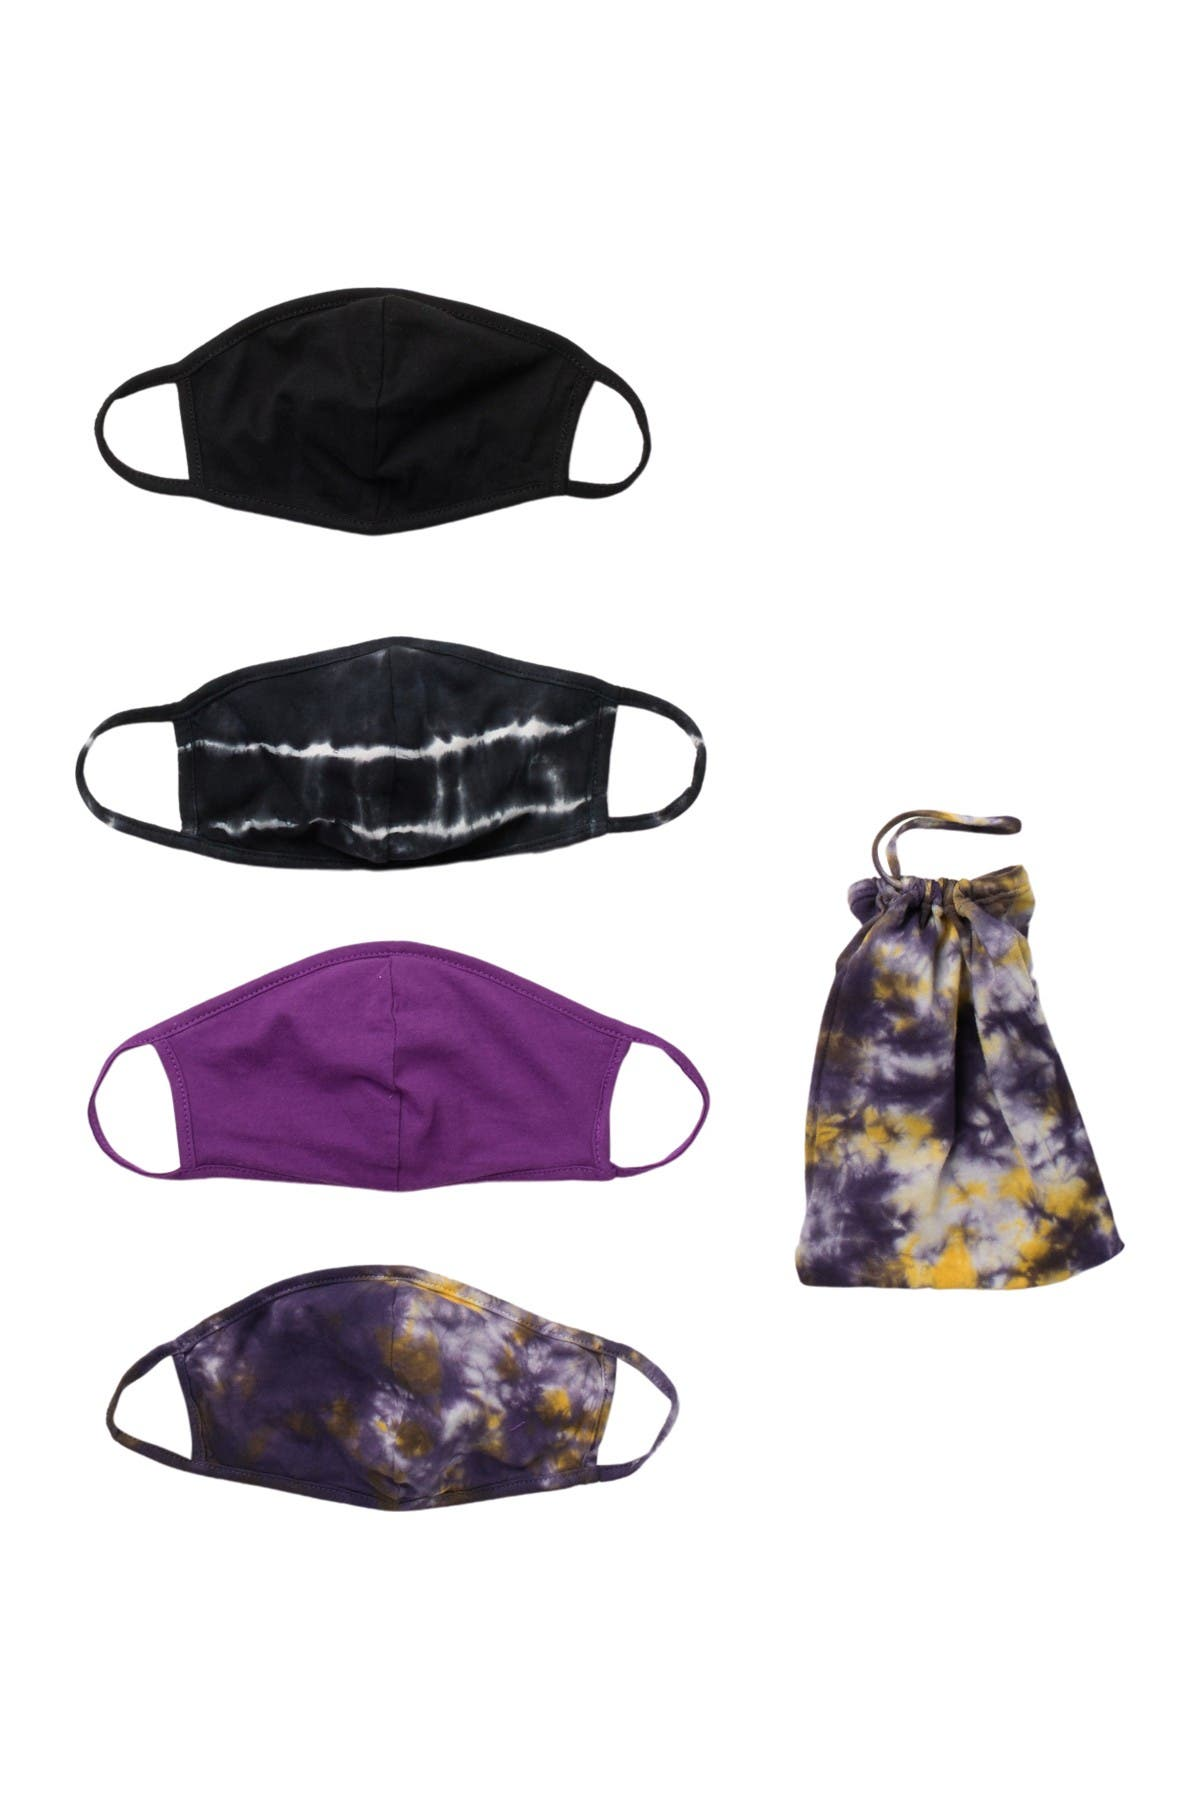 Image of Nordstrom 4-Pack Kids' Tie Dye Face Masks